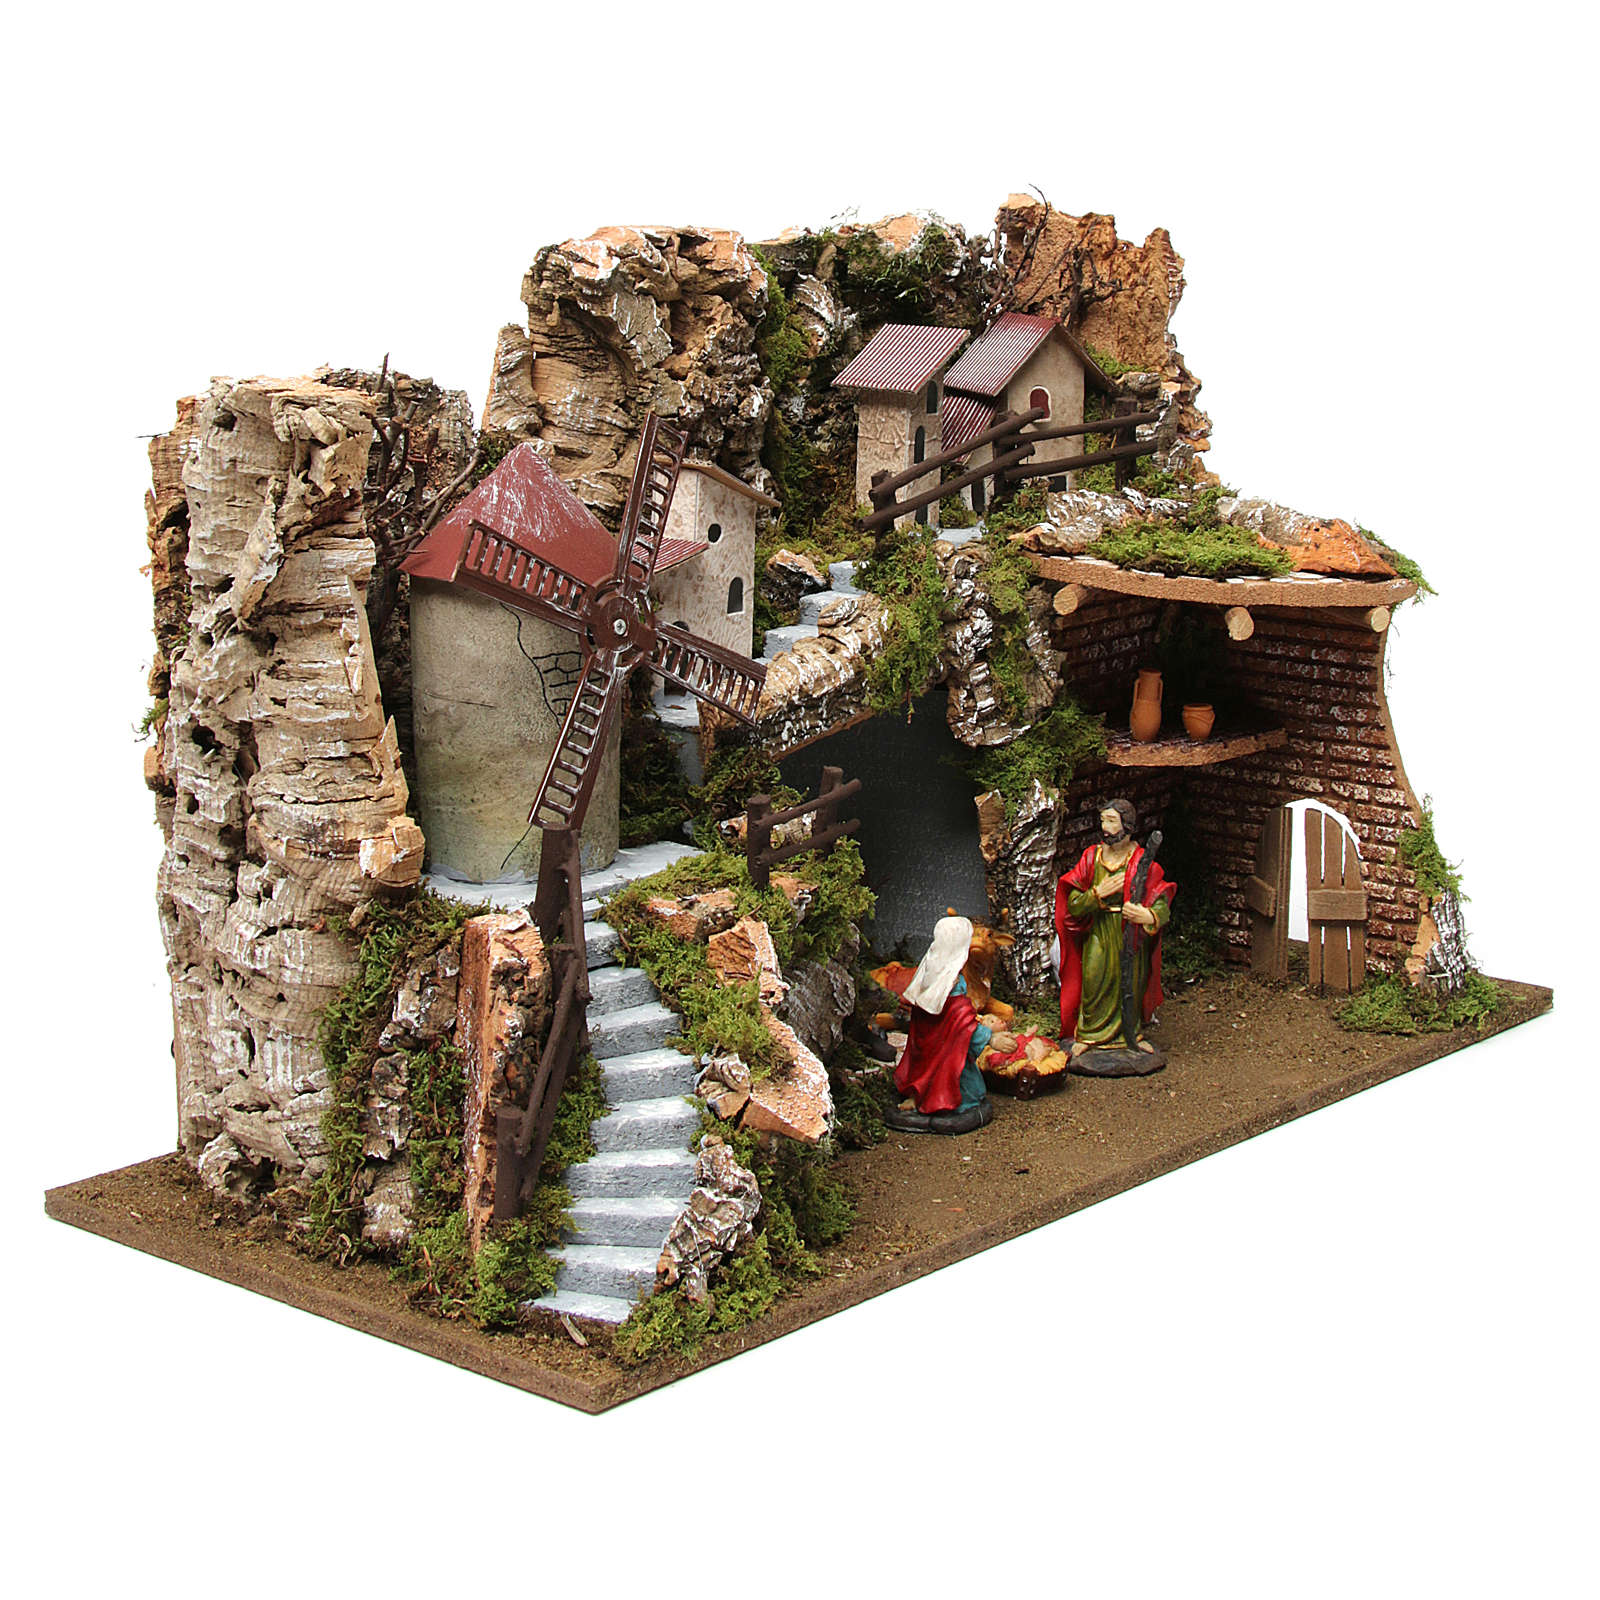 Etable bourg crèche Noel moulin à vent 38x56x30 cm 4